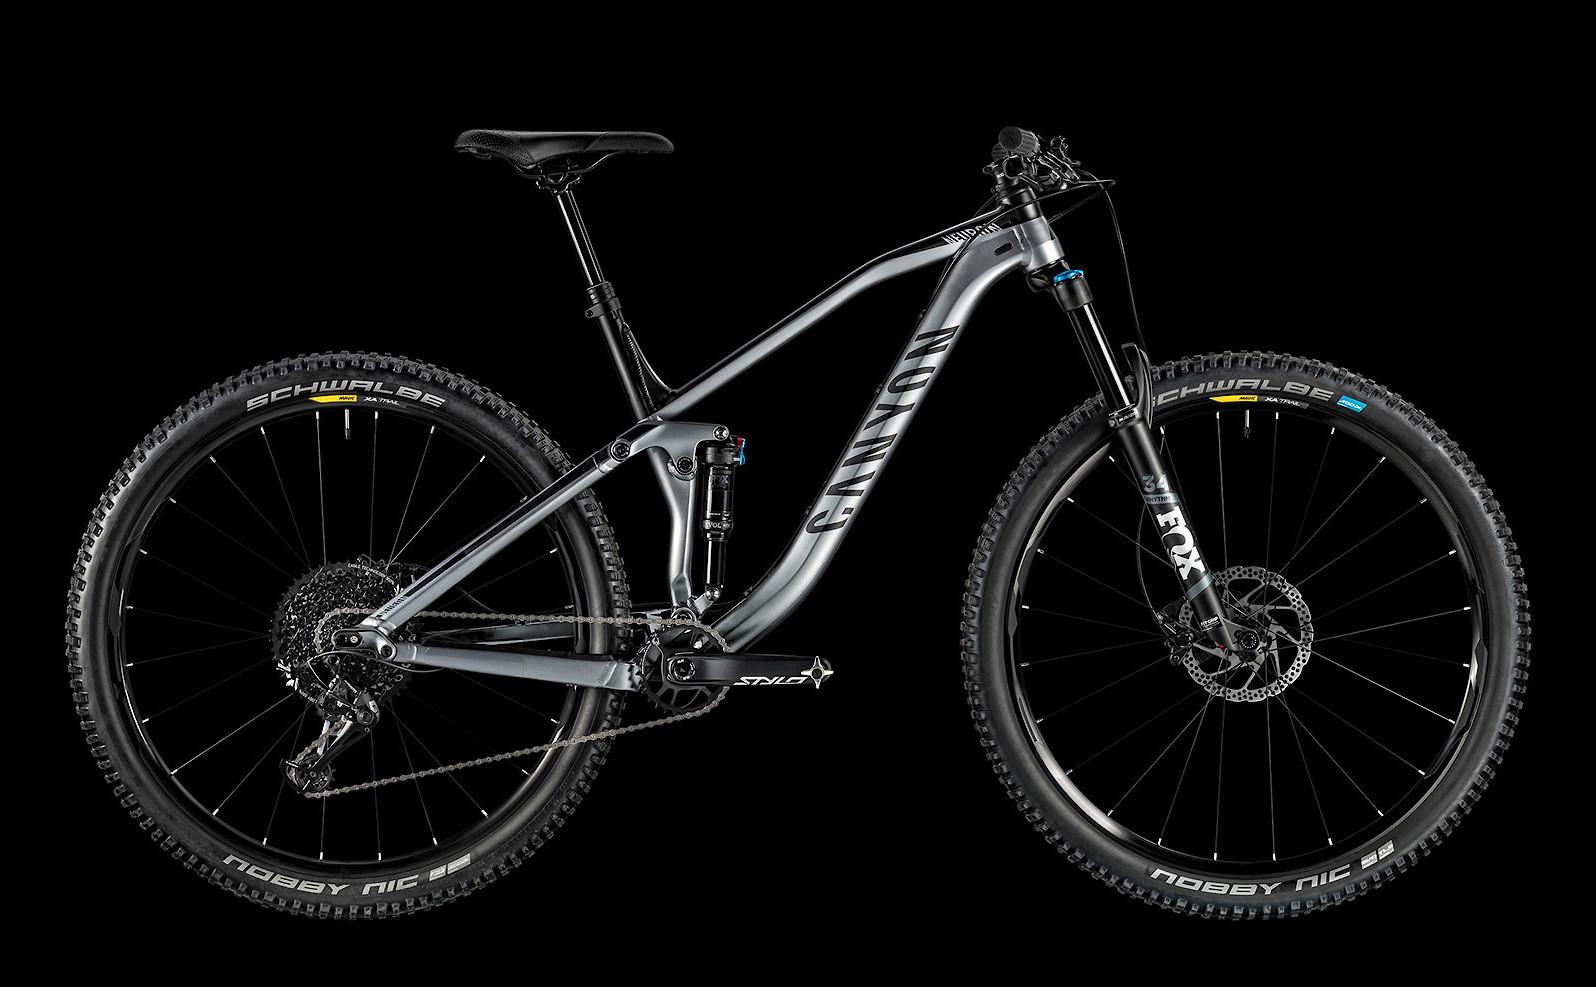 s1600_2019_Canyon_Neuron_AL_7.0_bike_2A.